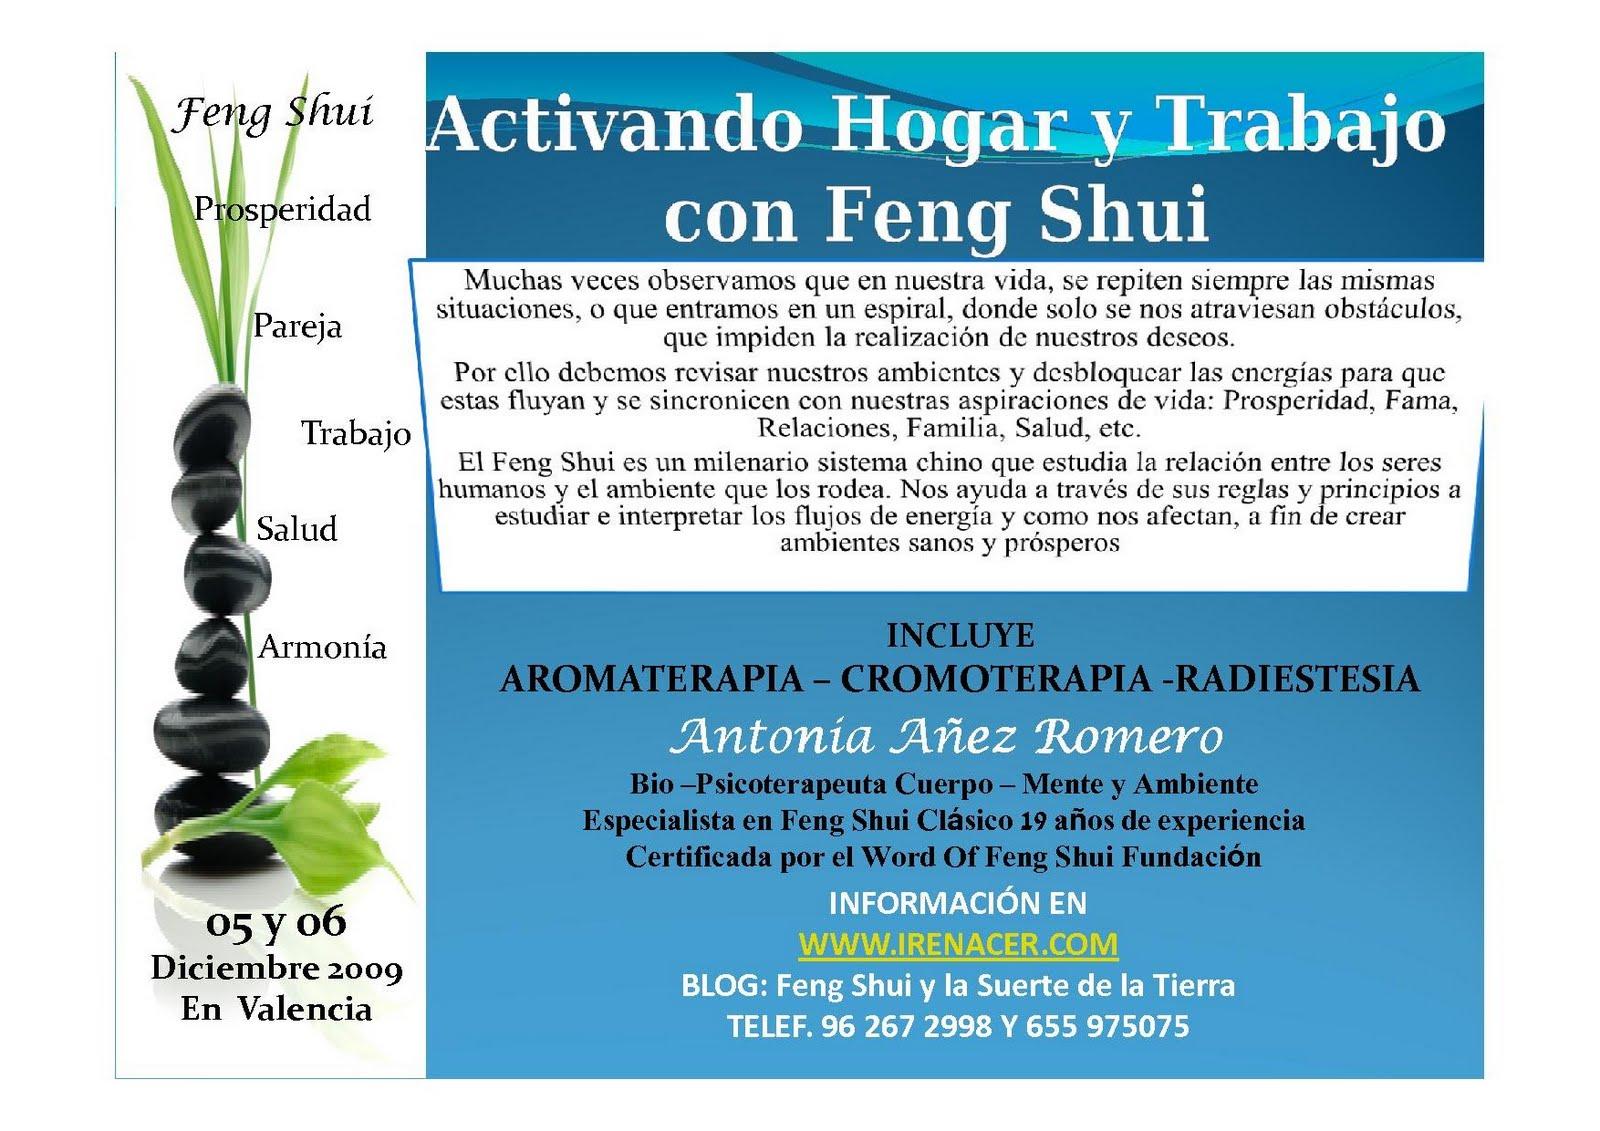 Feng shui y la suerte de la tierra taller activando hogar - Estudiar feng shui ...